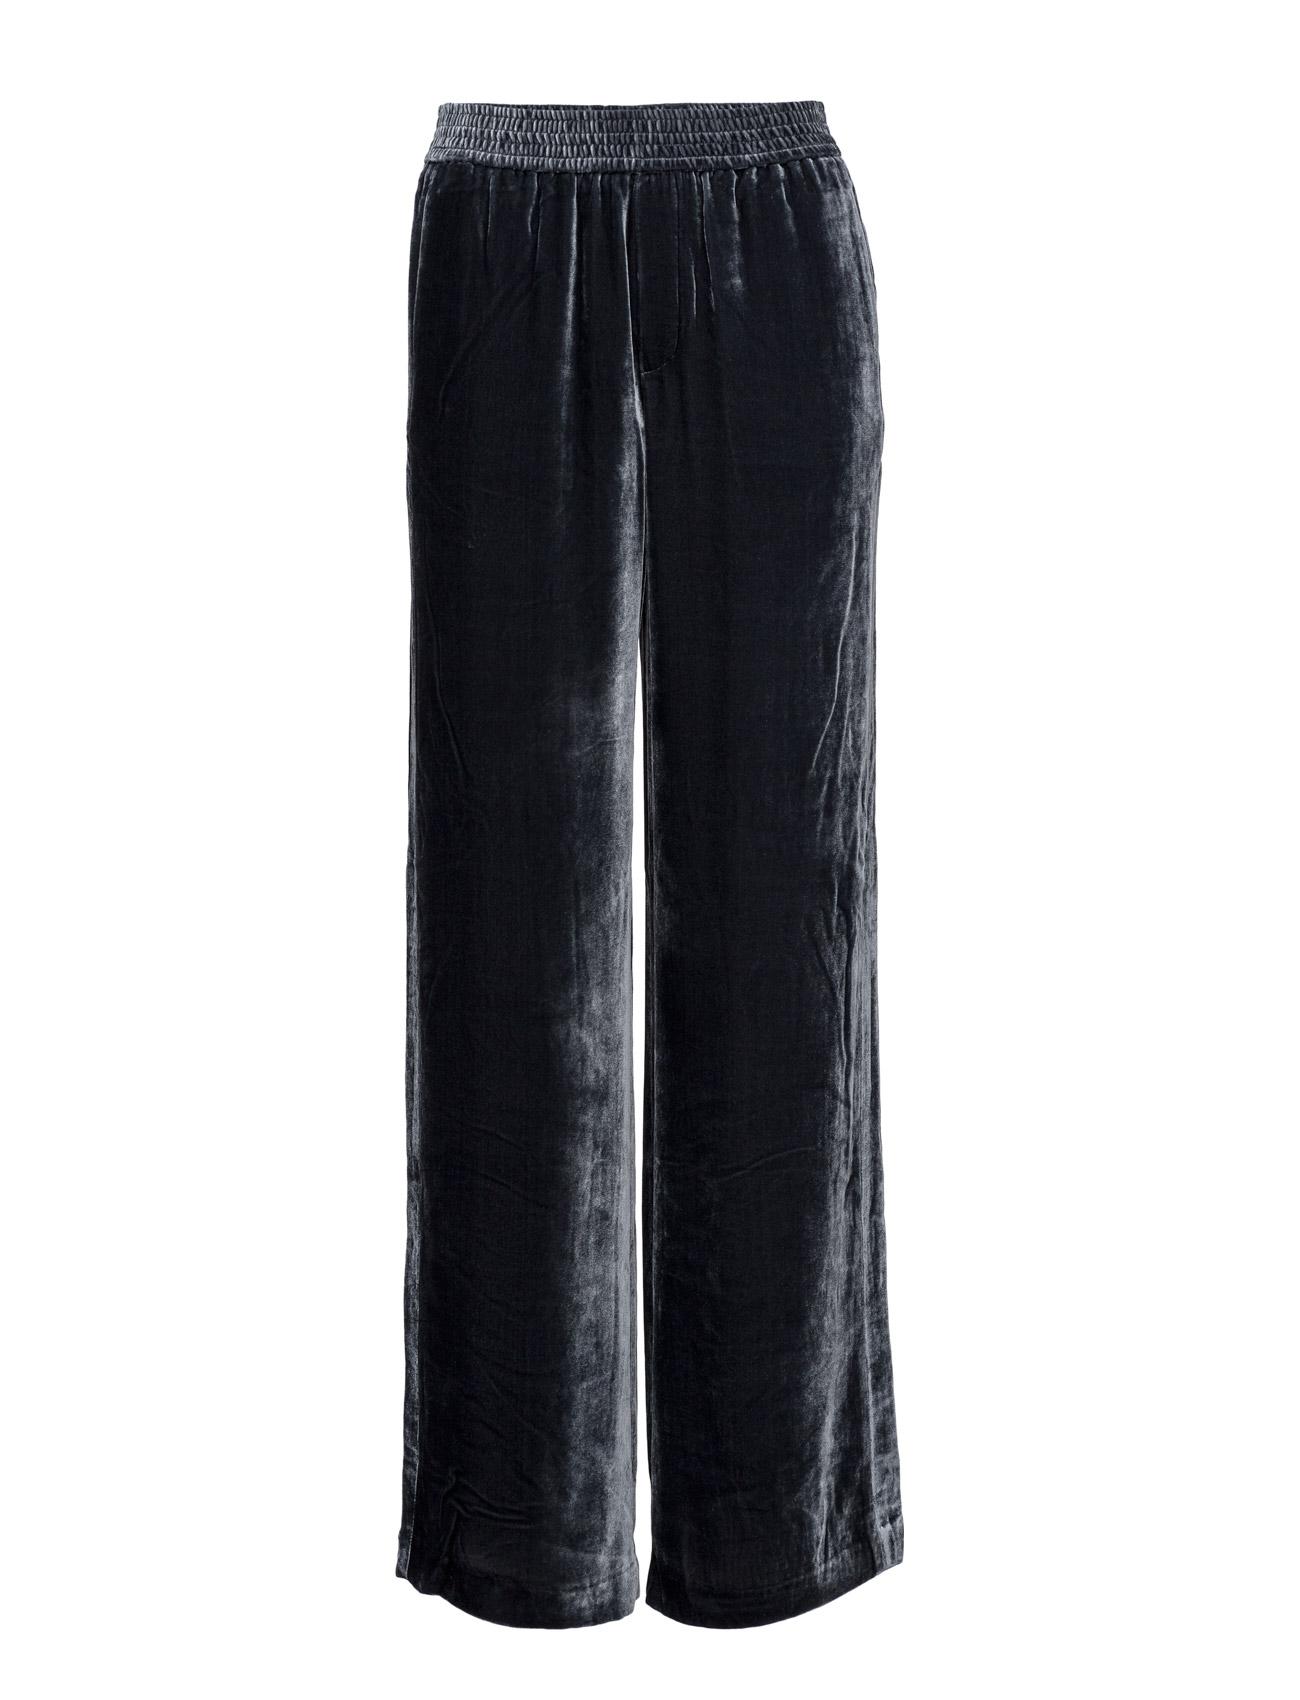 0e2e3f30b710 Sporty Velvet Pants Filippa K Bukser til Kvinder i Blå graf